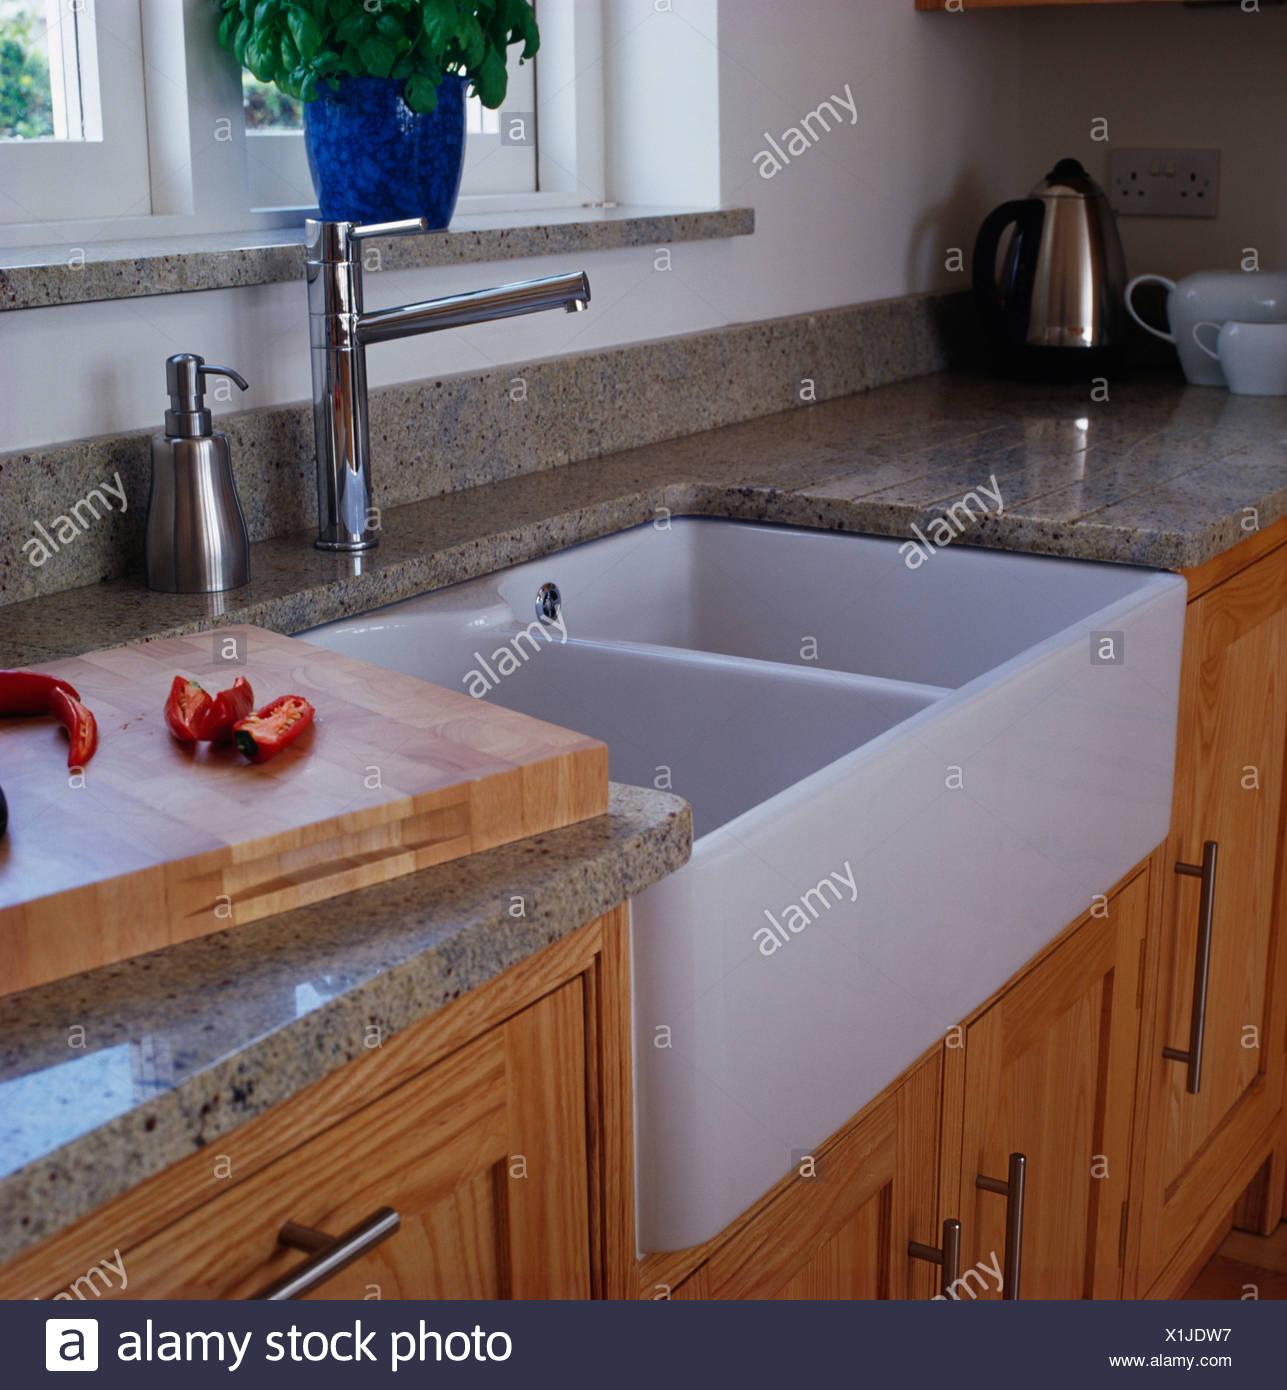 Armaturen küche chrom  Nahaufnahme der Belfast Waschbecken und Chrom Armaturen in der ...